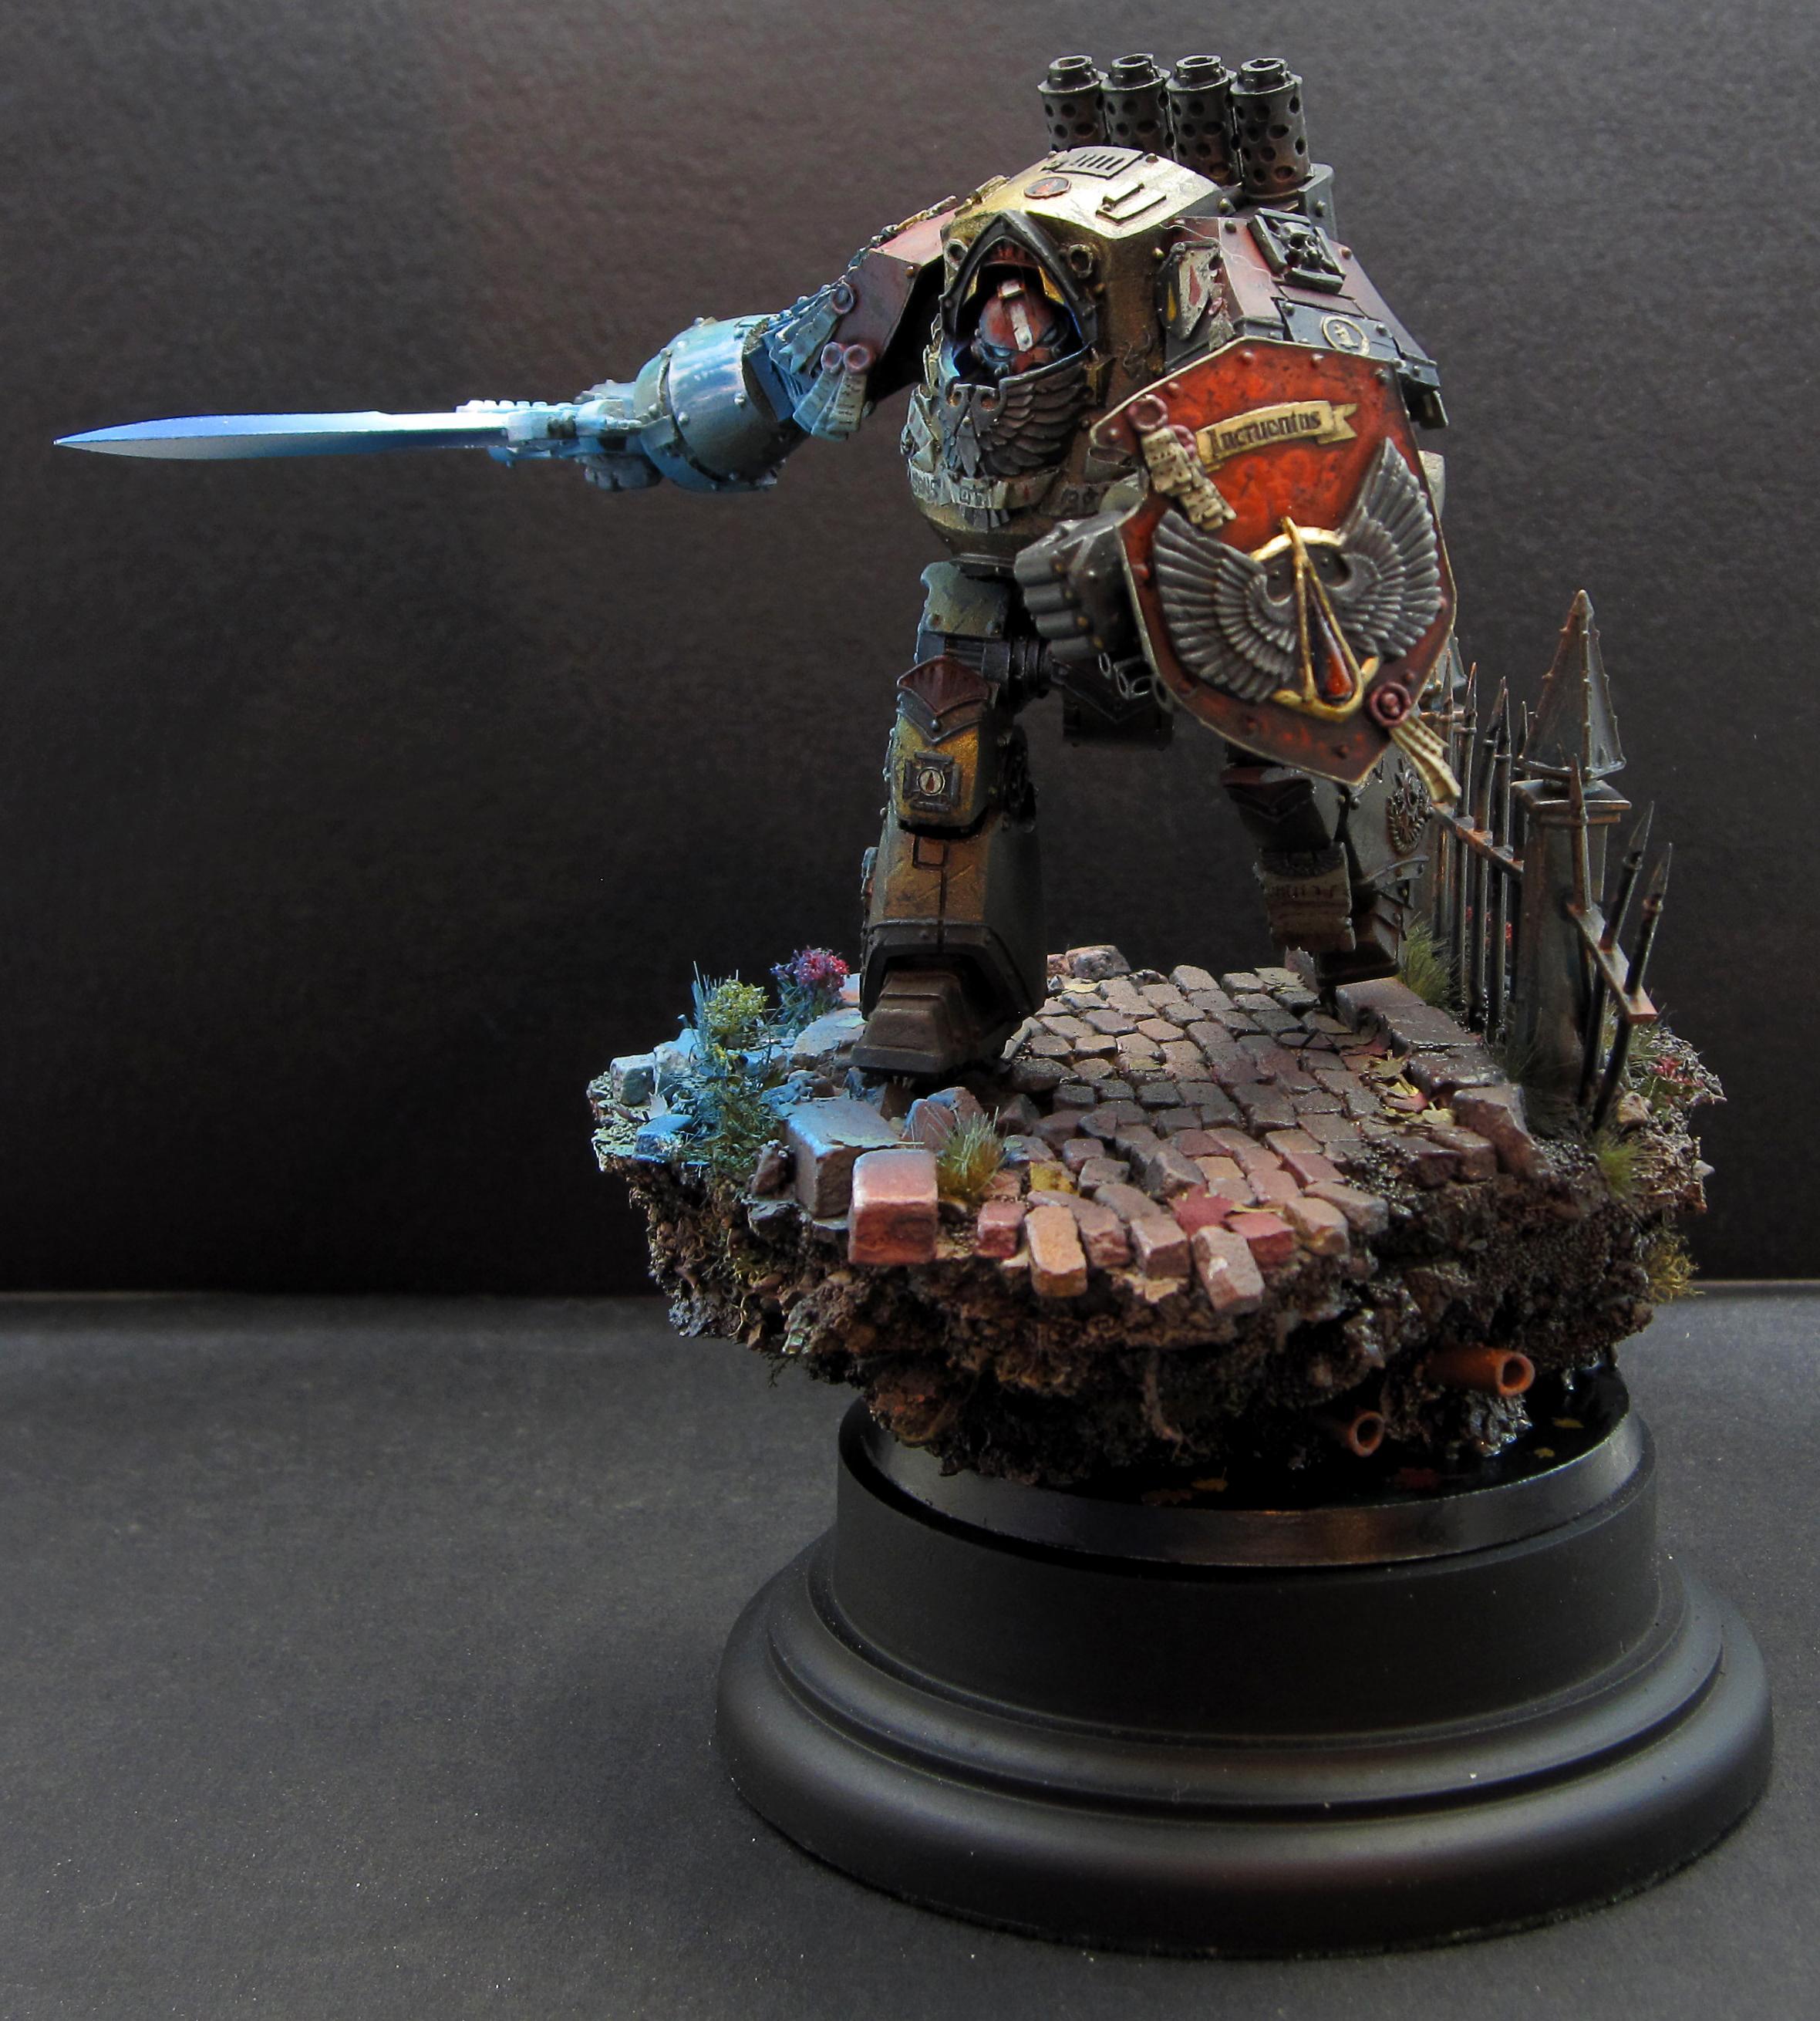 Blood Angels, Contemptor, Diorama, Display, Dreadnaought, Dreadnought, Warhammer 40,000